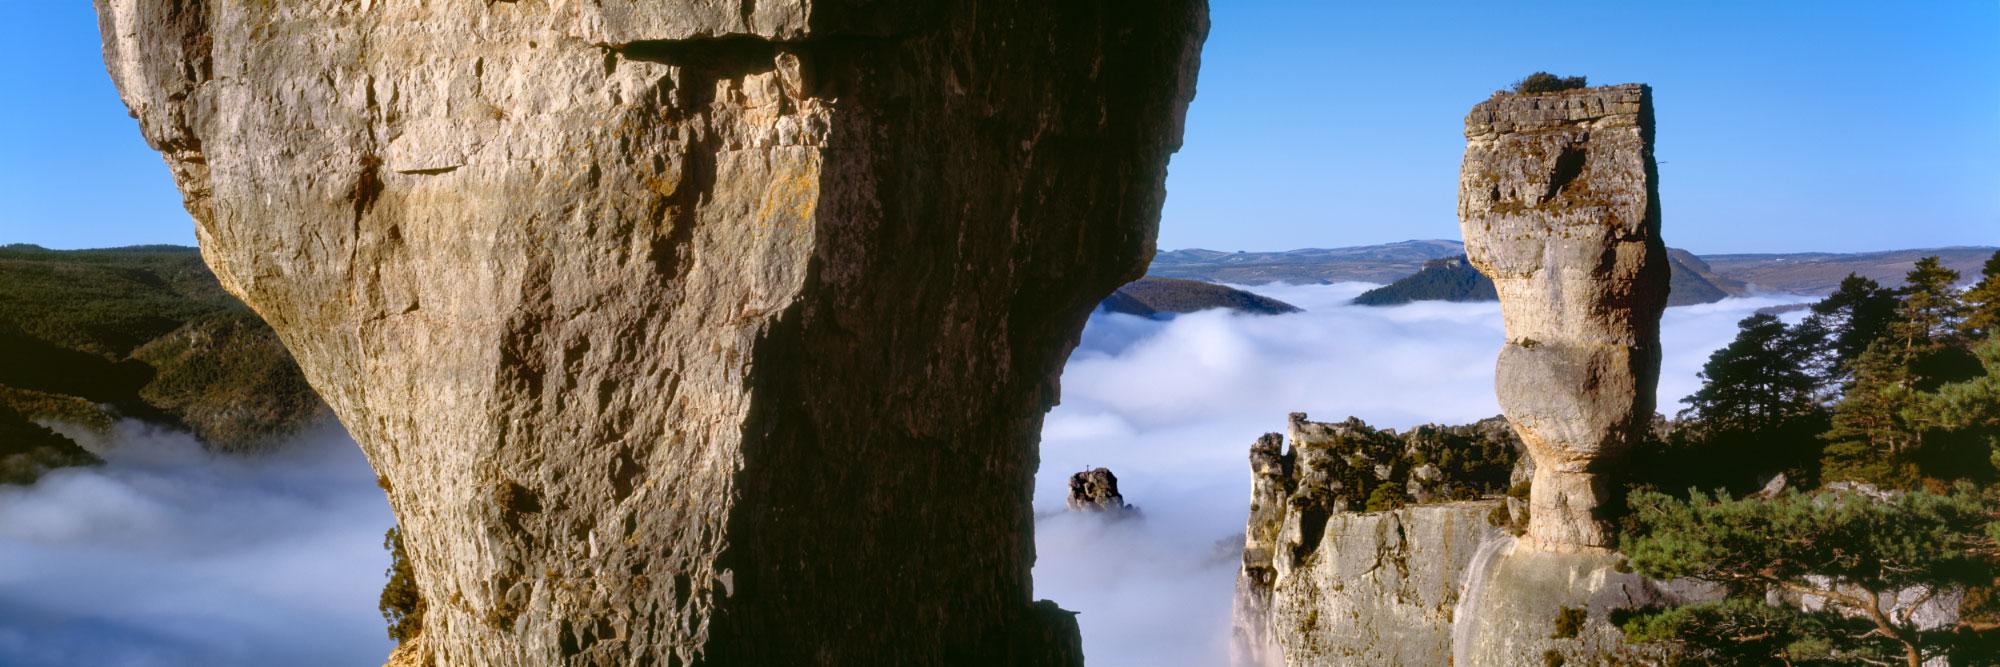 Gorges de la Jonte, Grandes Causses